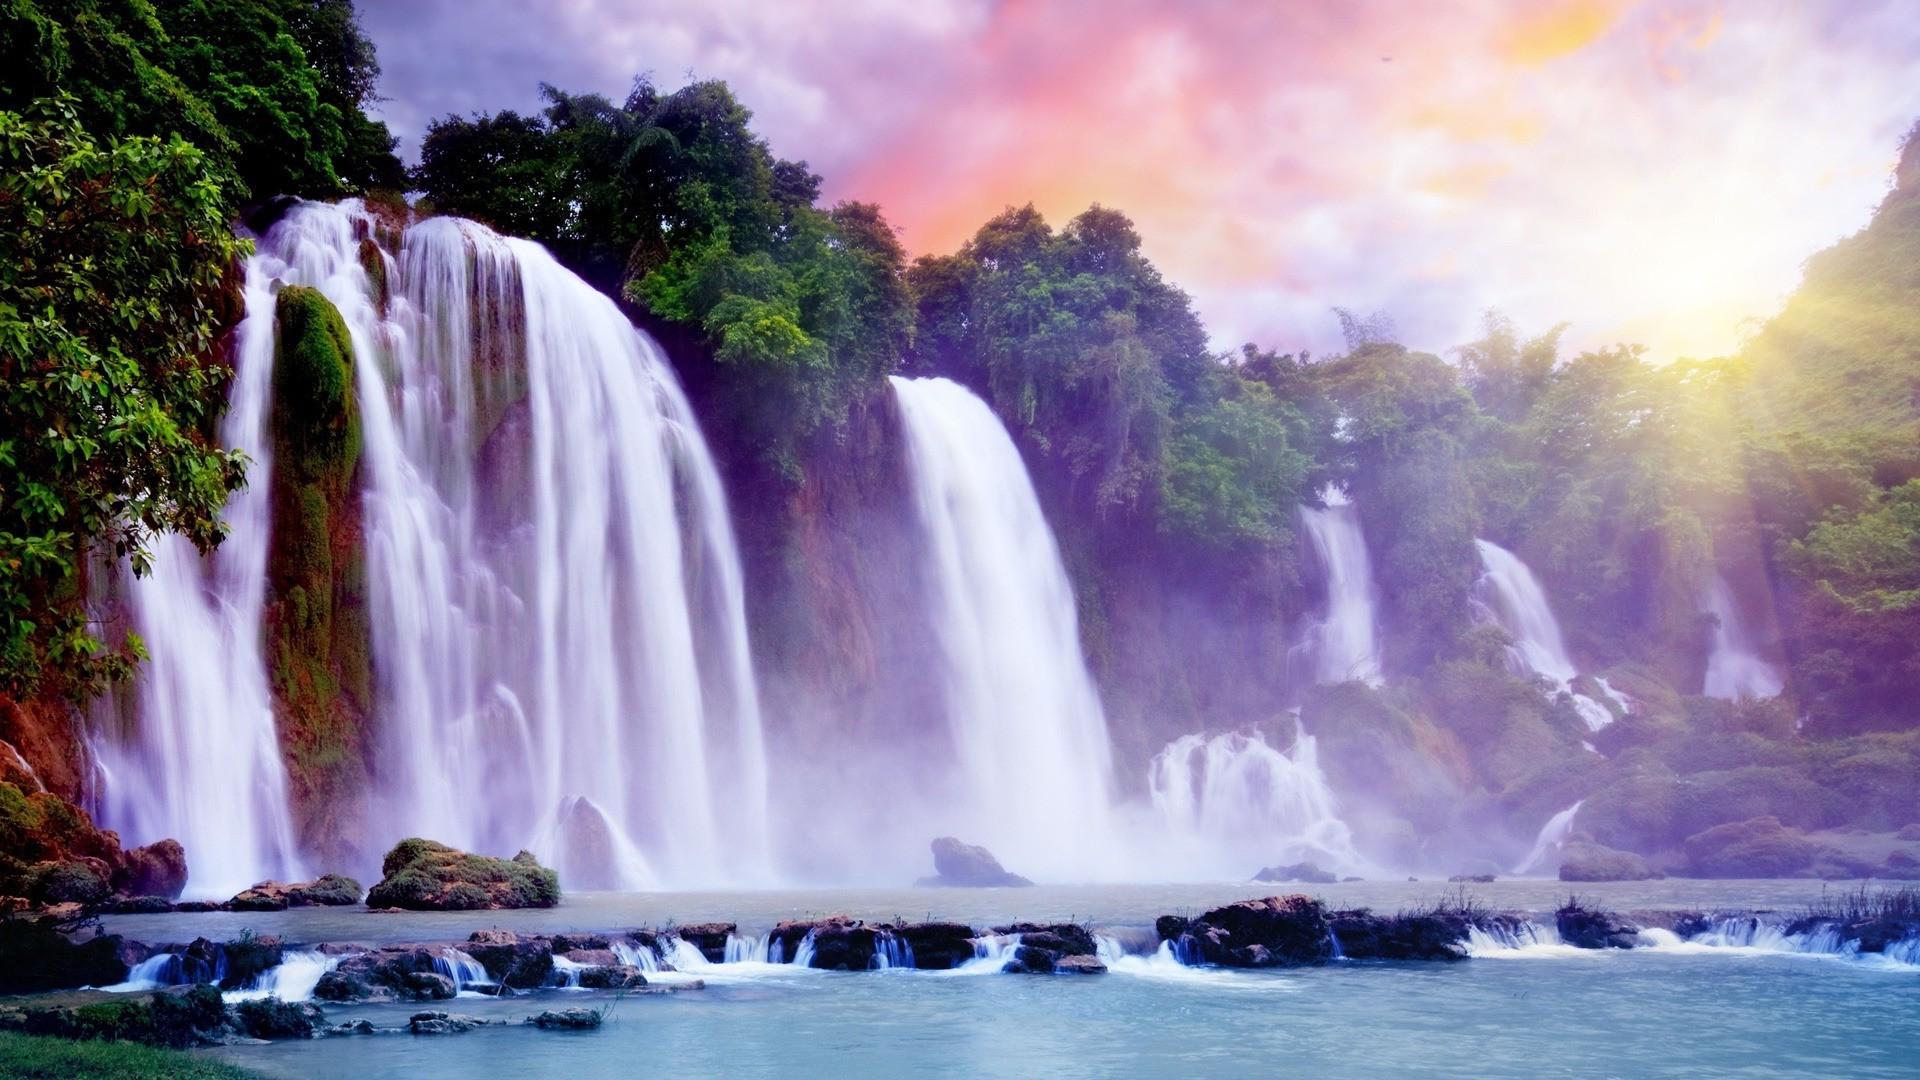 водопад среди деревьев  № 373587 бесплатно